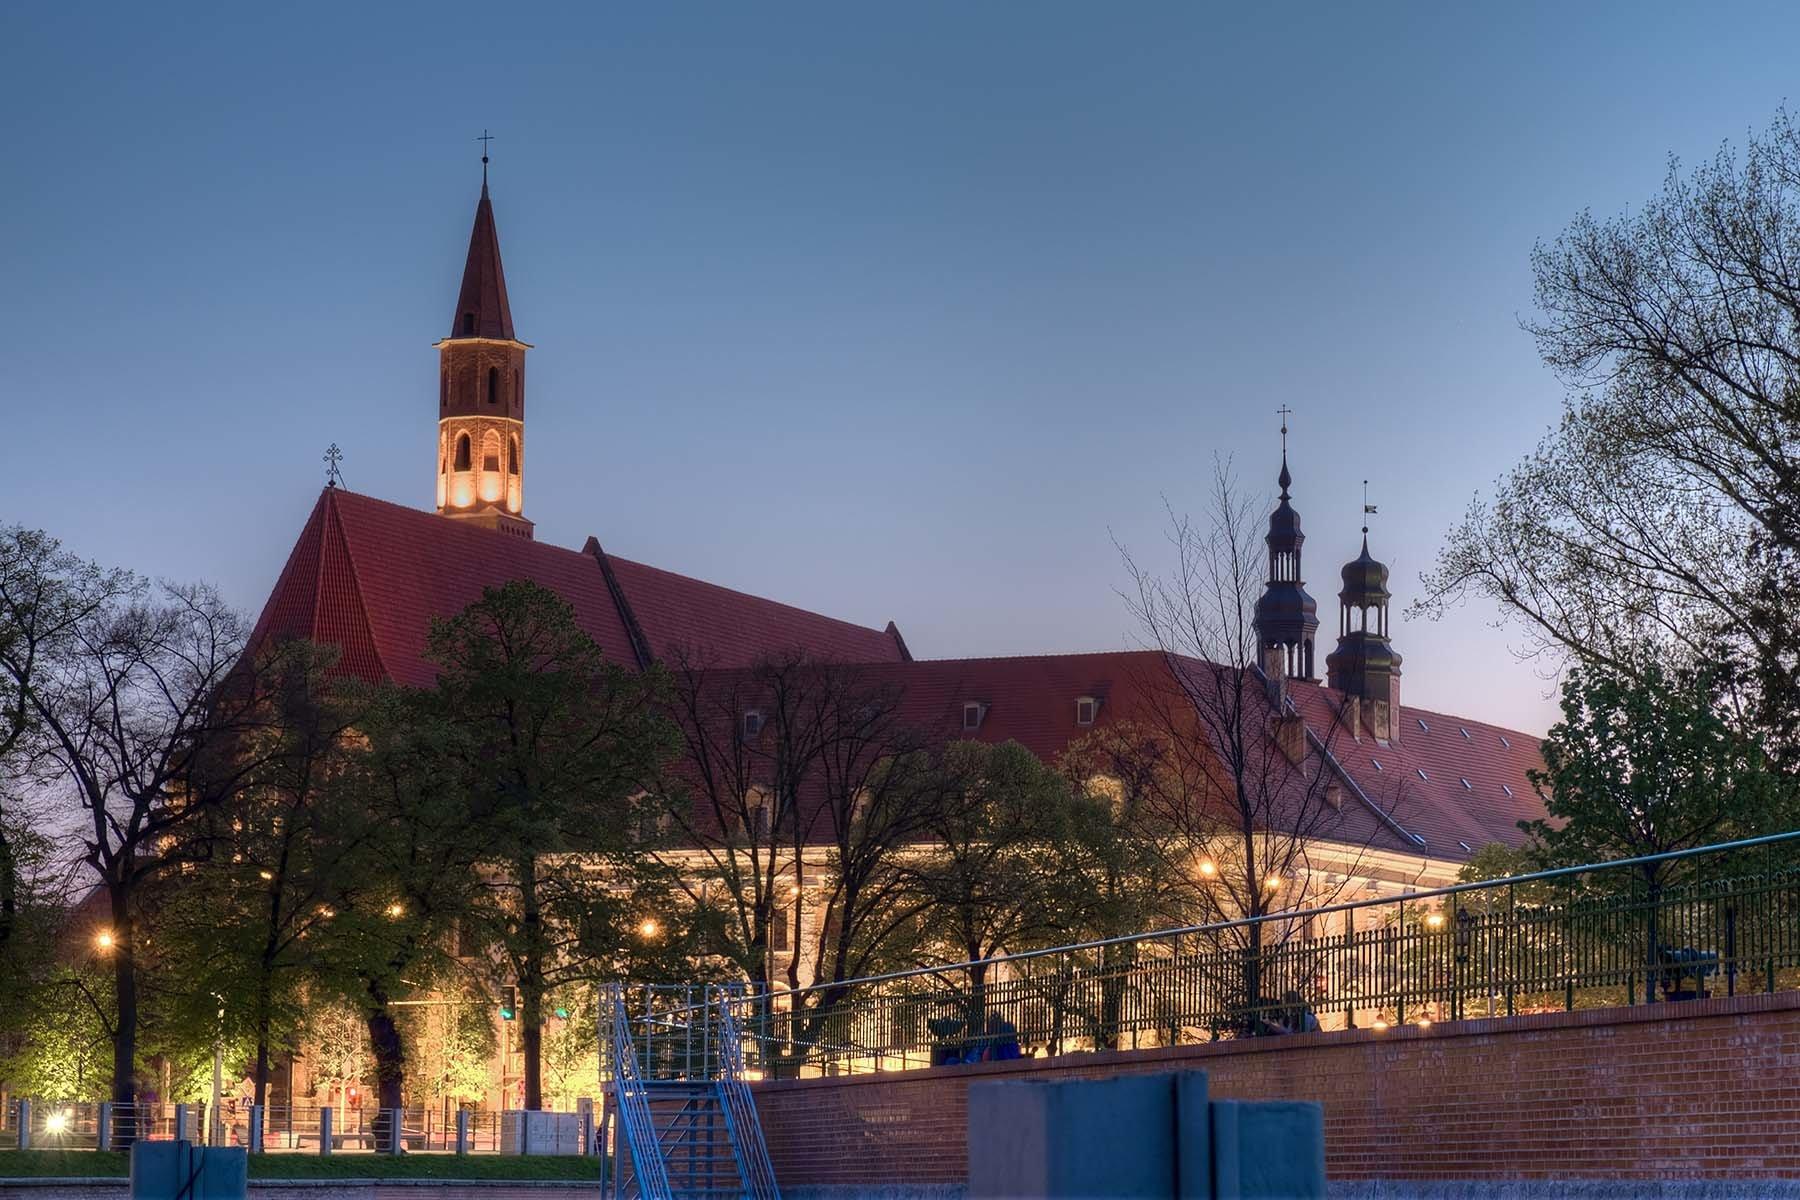 Instytut Filologii Polskiej Uniwersytetu Wrocławskiego wieczorową porą widziany z nadbrzeża Odry